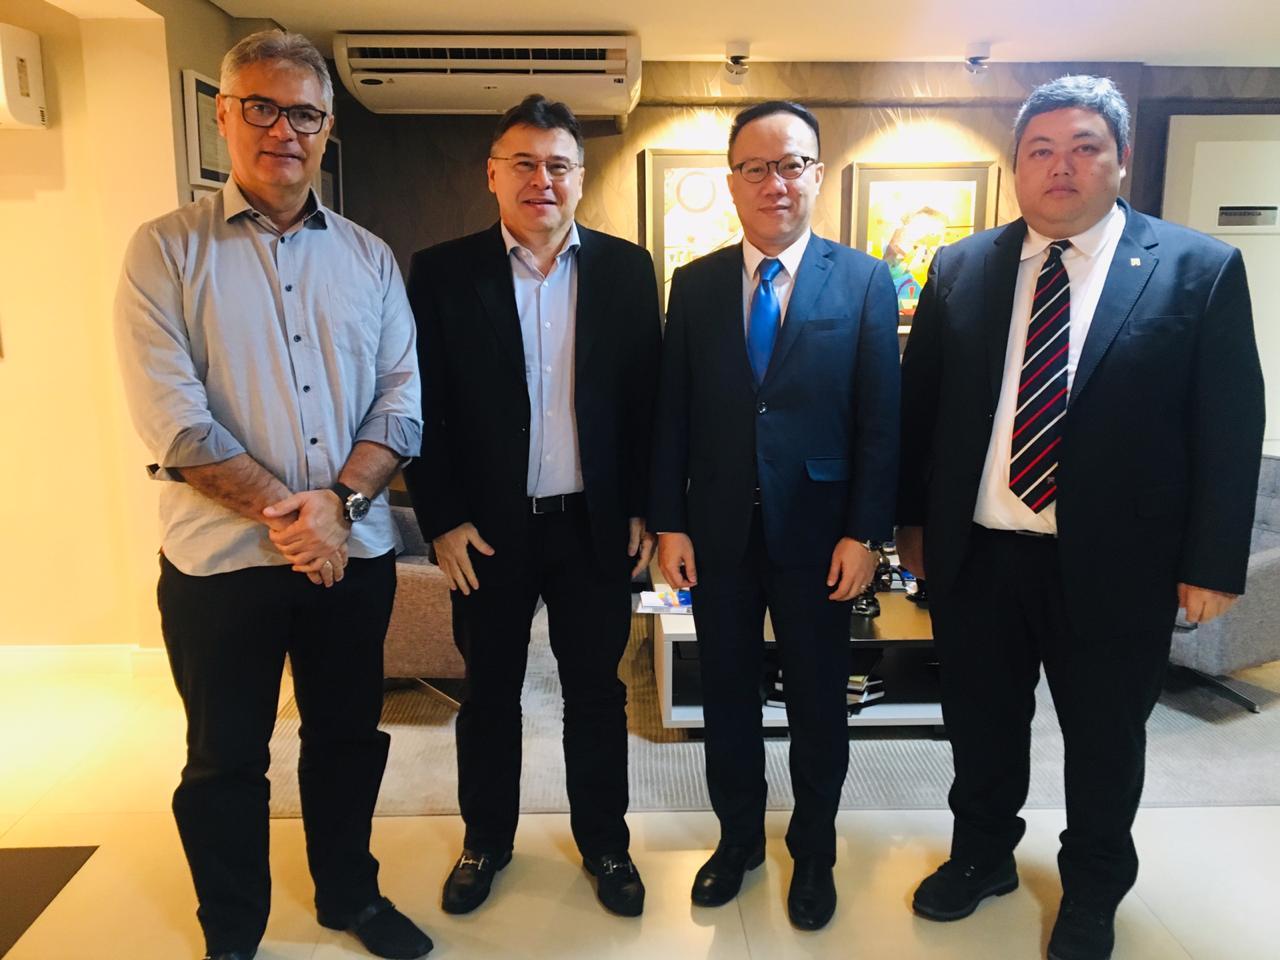 Presidente do CRCCE, Robinson de Castro, recebe comitiva empresarial chinesa para debater aproximação comercial